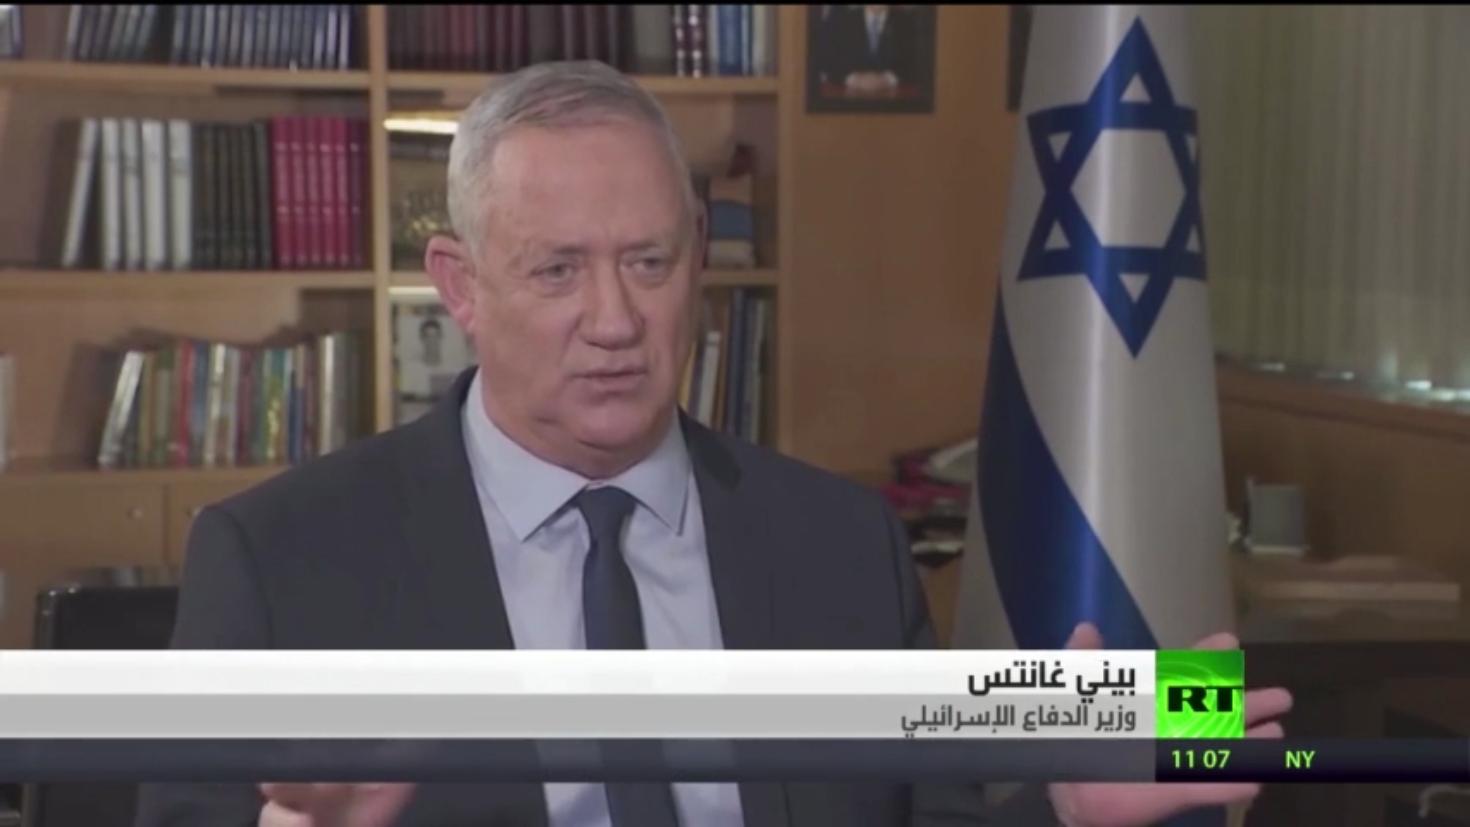 إسرائيل: لدينا خطط جاهزة لضرب أهداف إيرانية